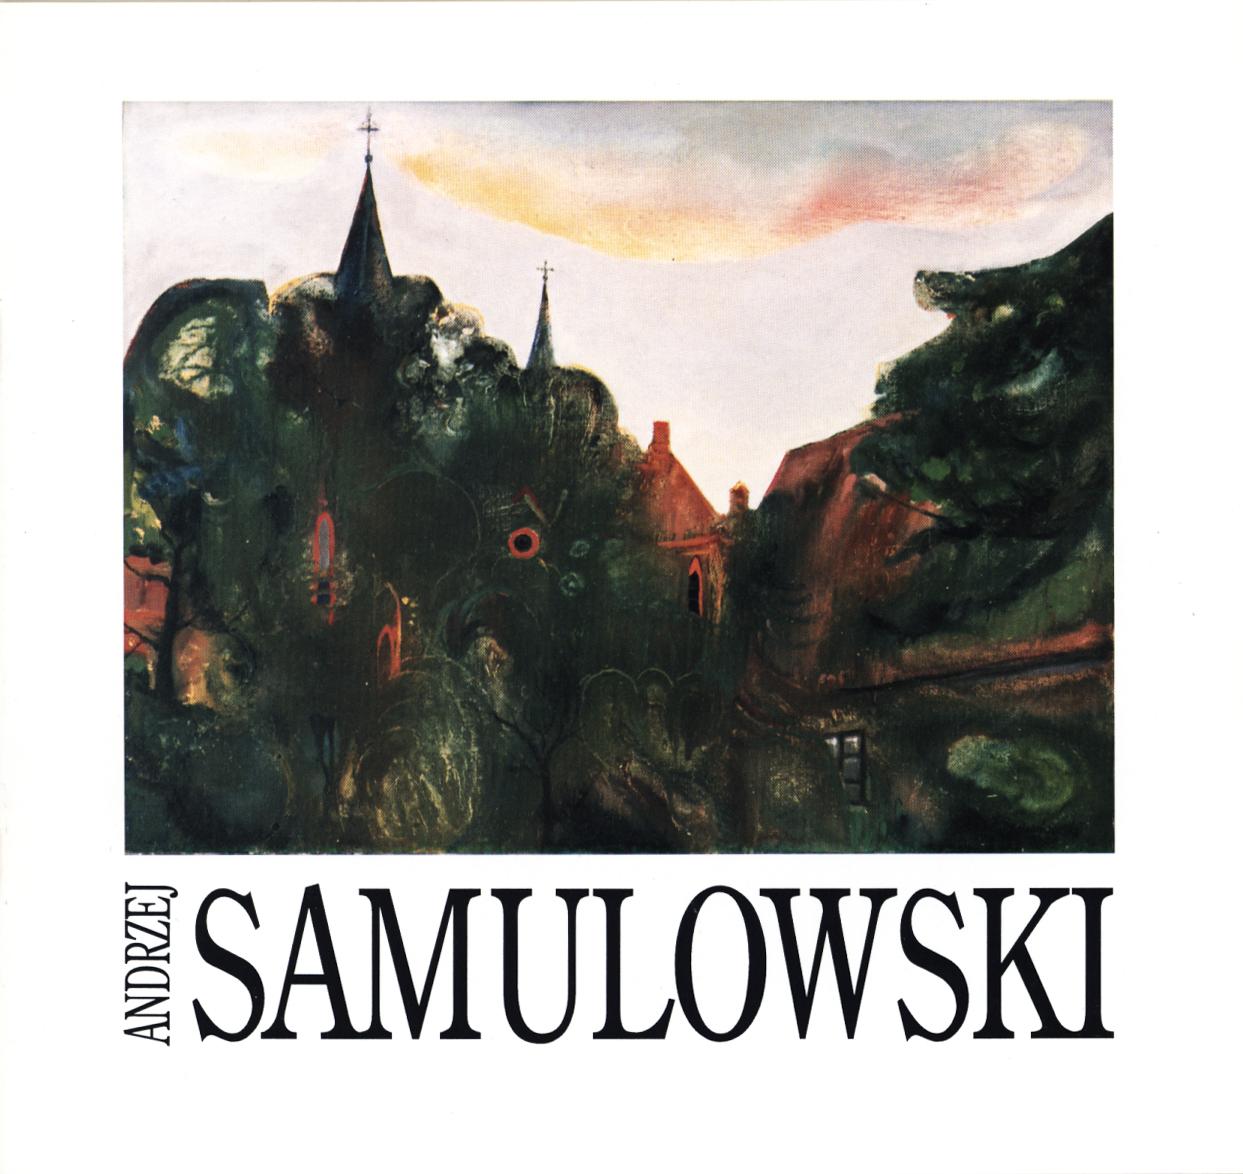 http://m.wmwm.pl/2016/02/orig/andrzrj-samulowski-z-okazji-40-lecia-pracy-tworczej-5014.jpg